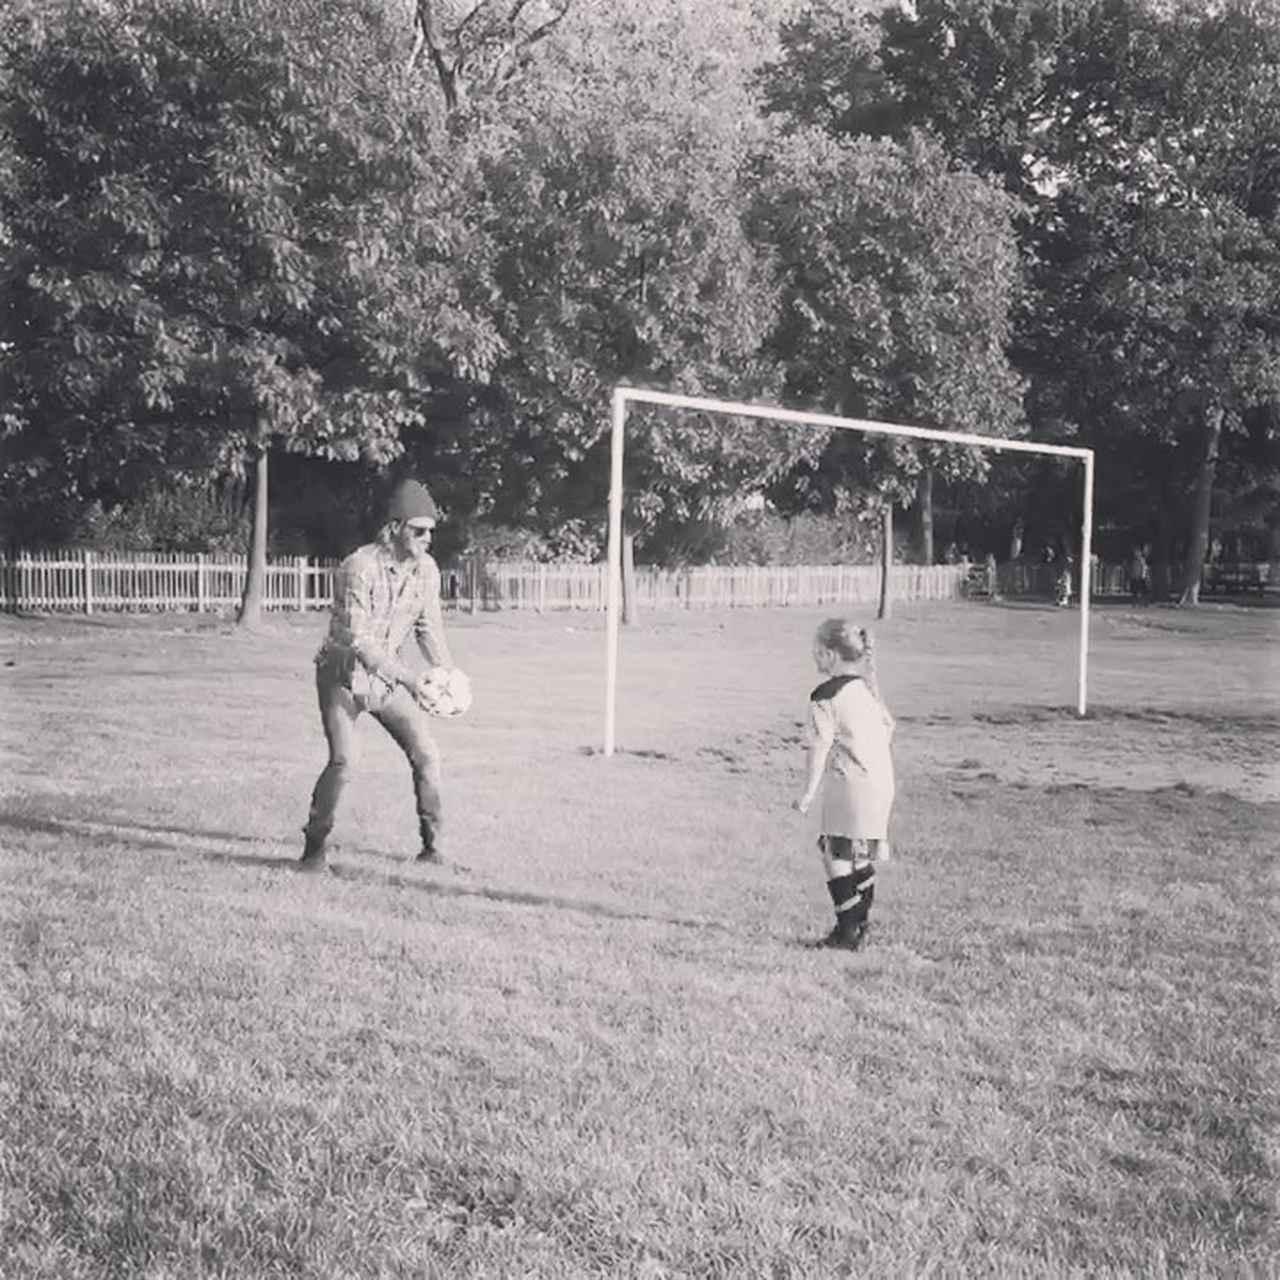 画像1: Instagram post by David Beckham • Sep 28, 2017 at 9:58pm UTC www.instagram.com